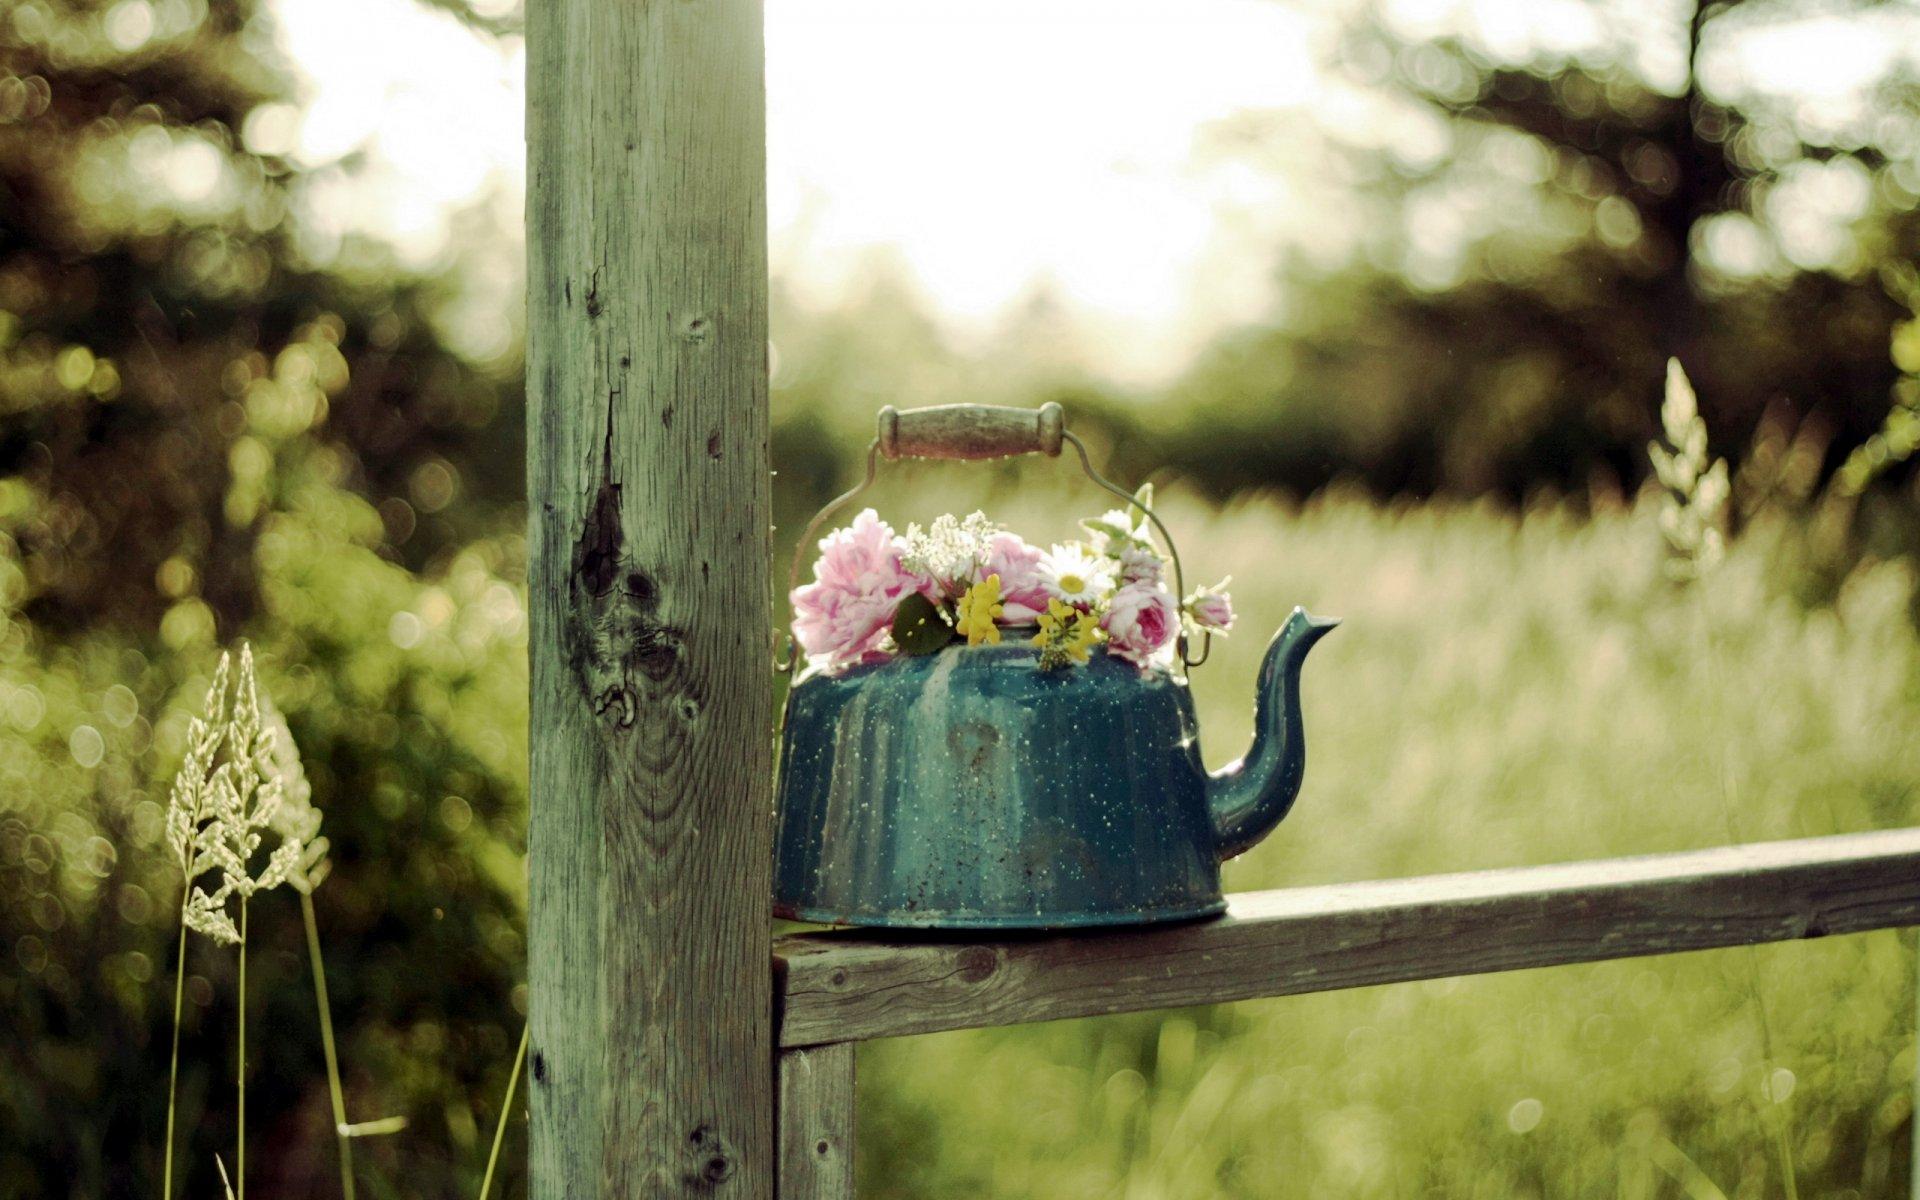 Удачи картинки красивые необычные нежные, добрым утром